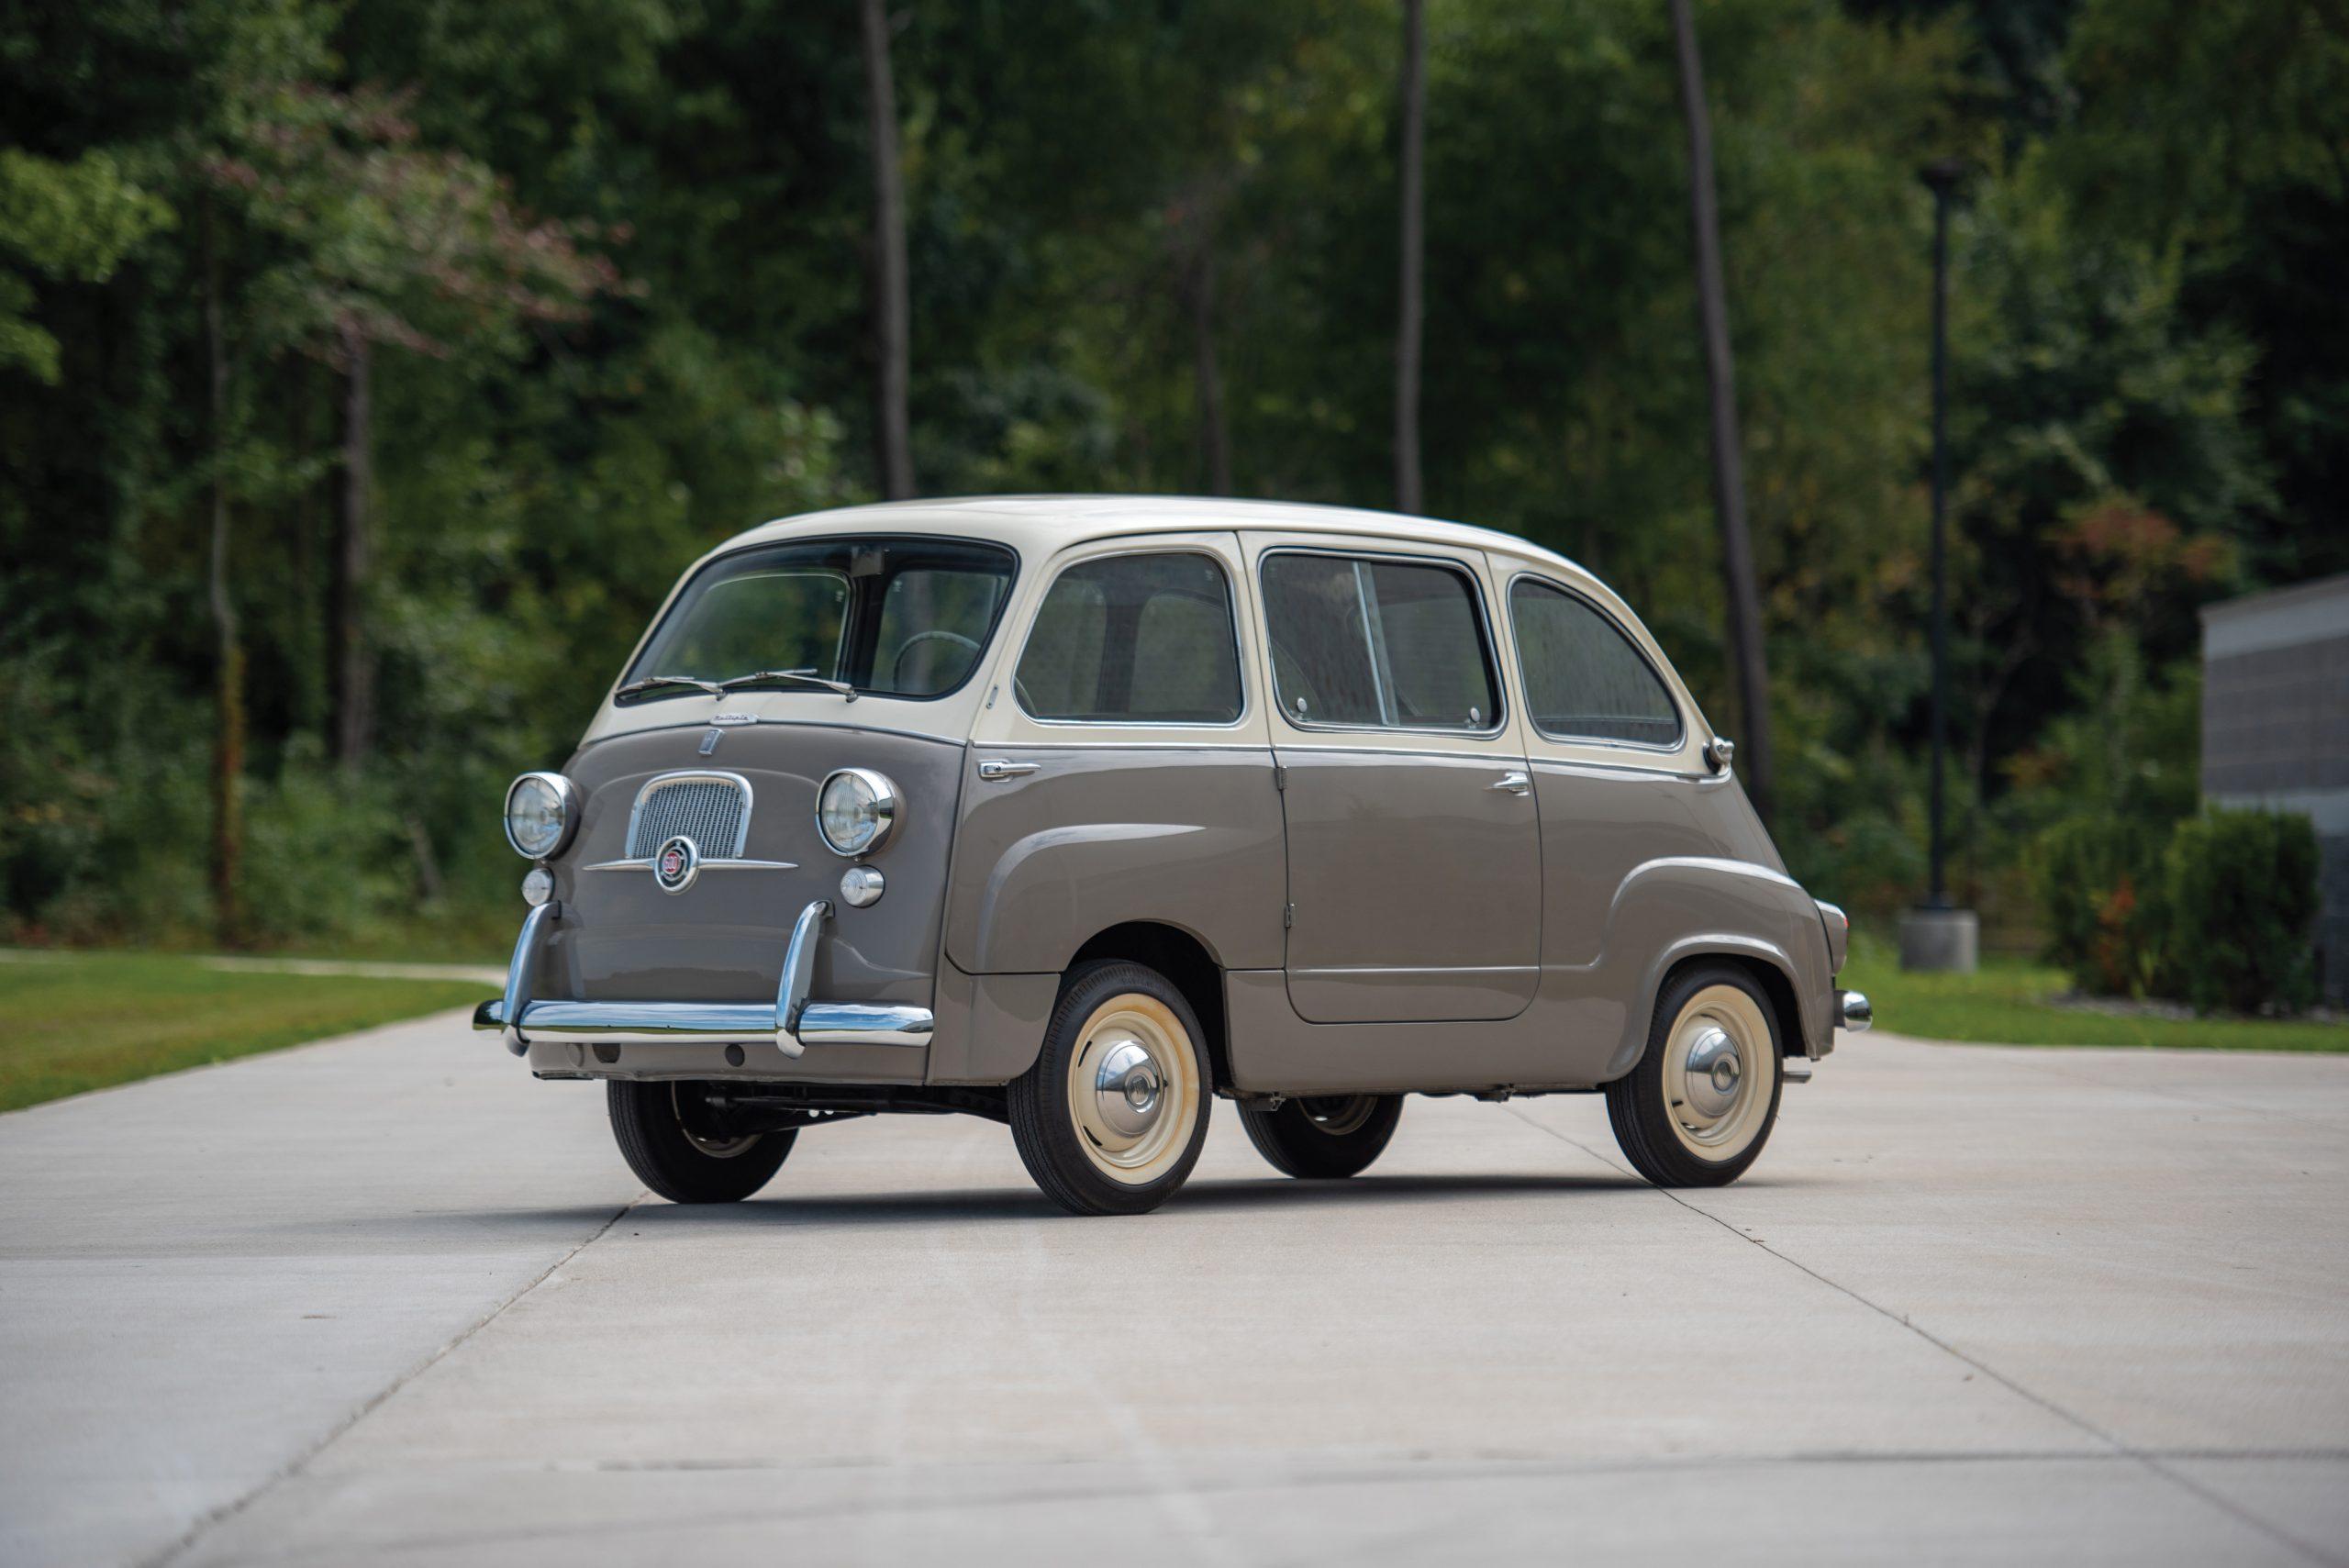 1958 Fiat 600 Multipla front three-quarter